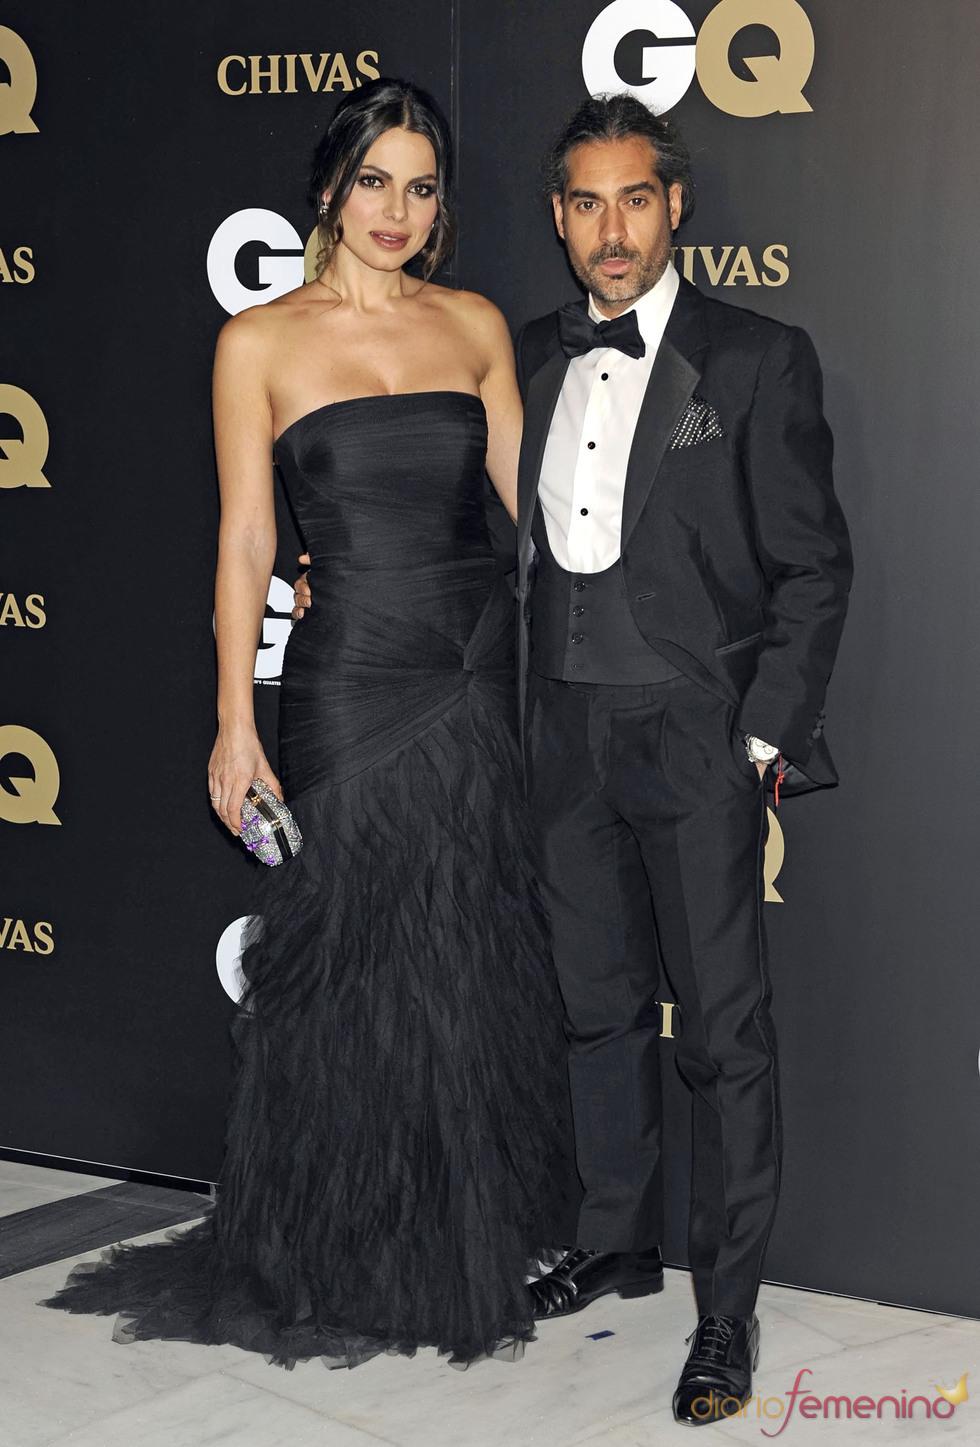 Marisa Jara y Vicente Escribano en los premios españoles GQ 2010